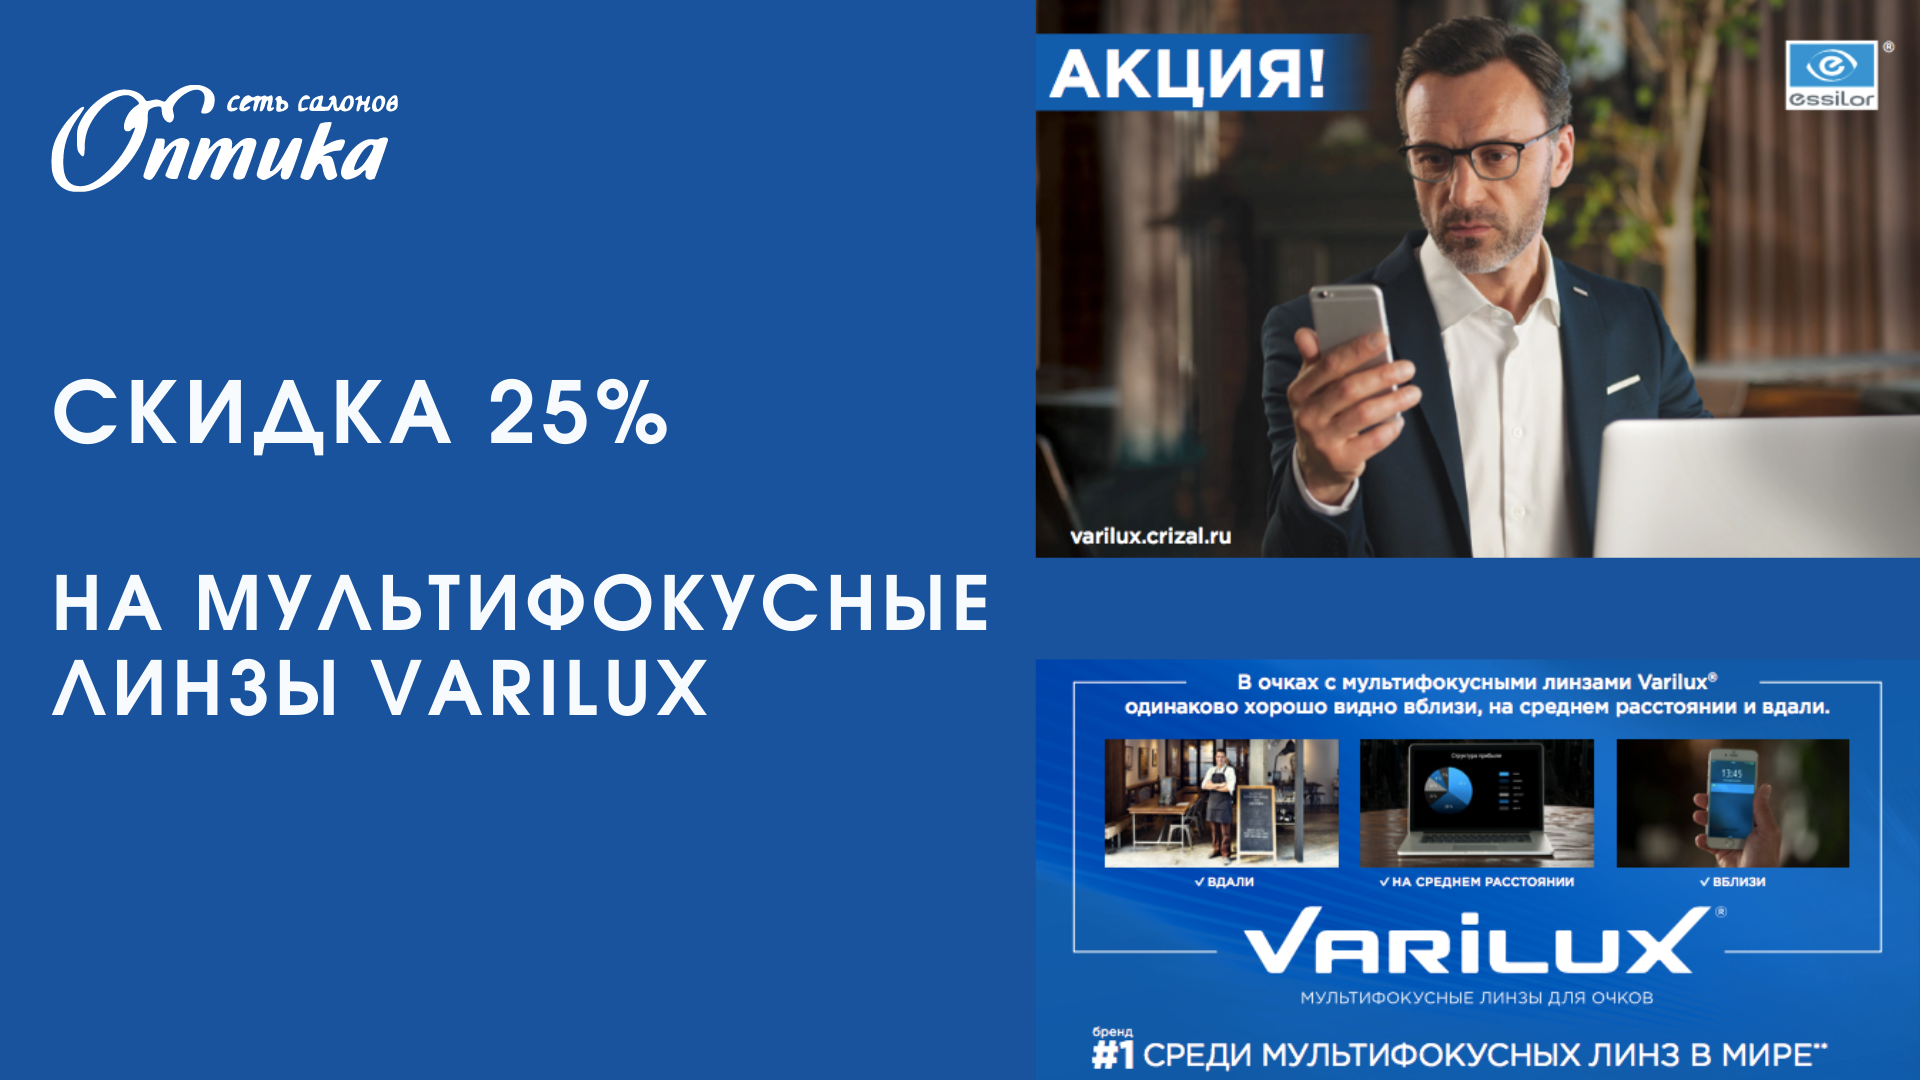 СКИДКА 25% на линзы VARILUX!